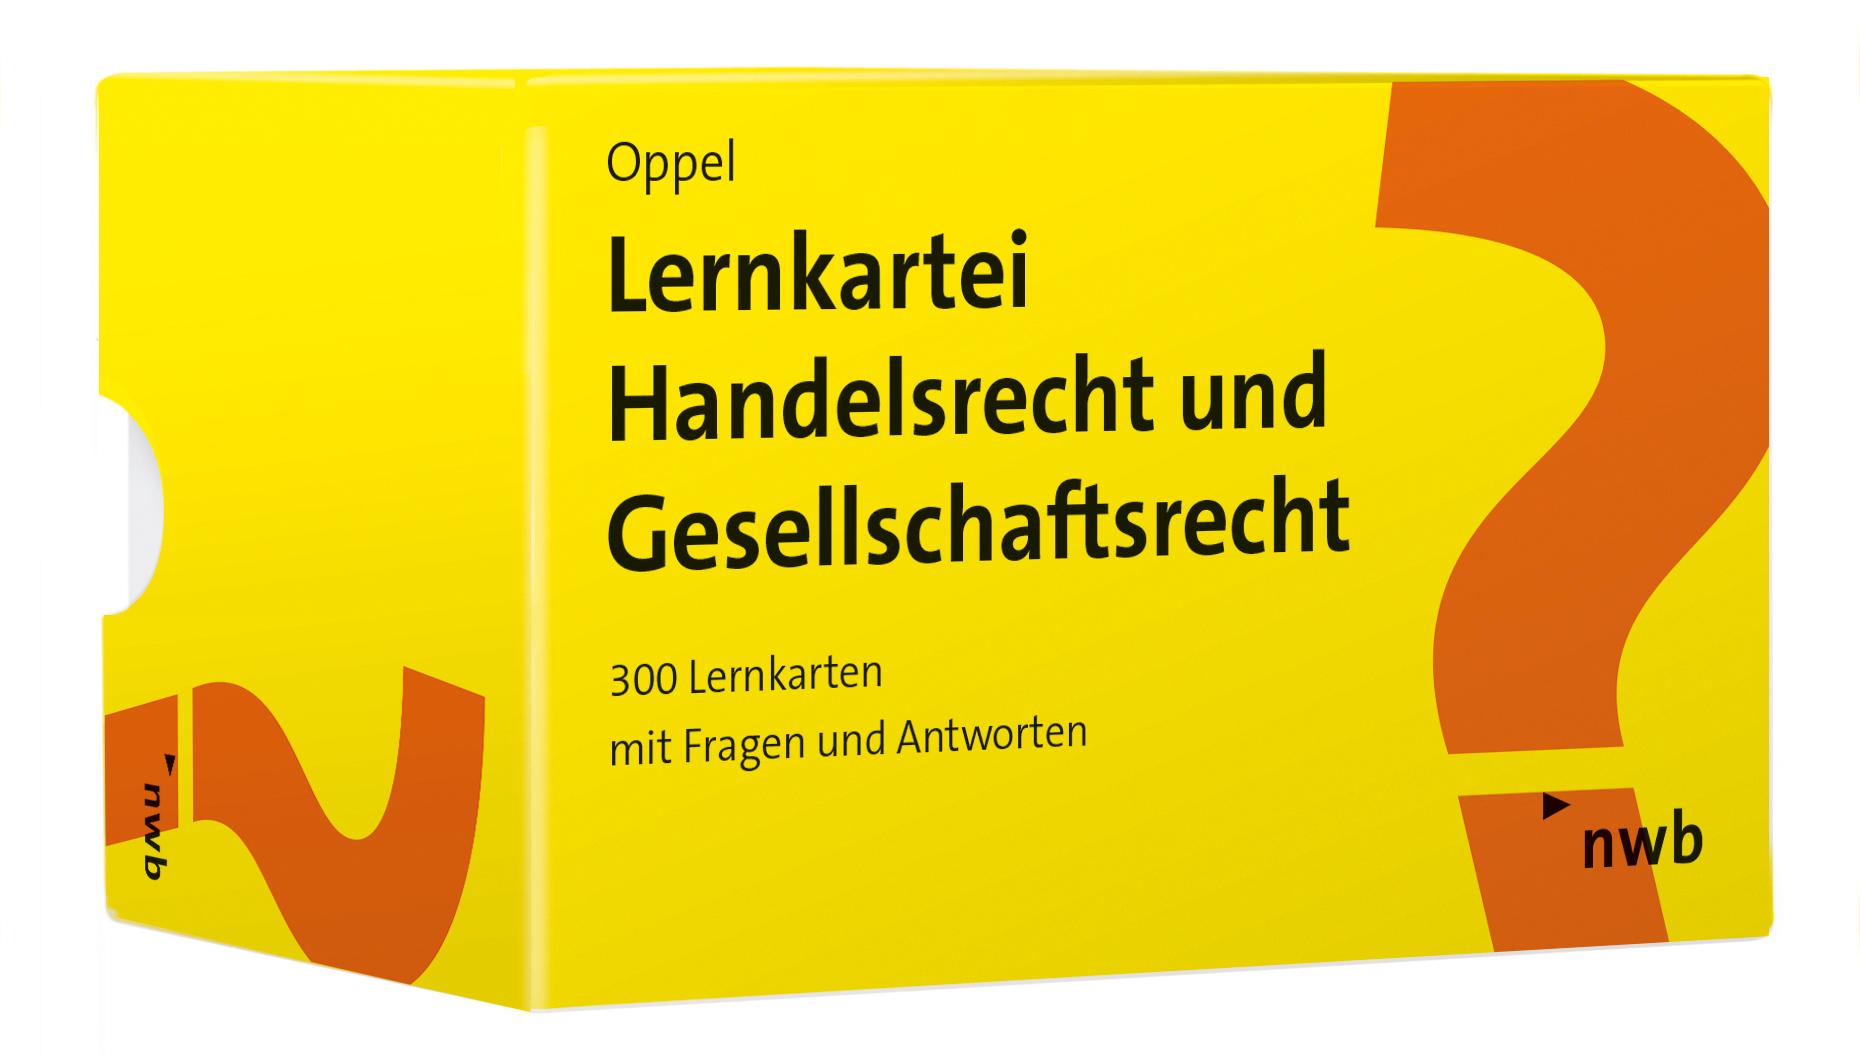 Lernkartei Handelsrecht und Gesellschaftsrecht